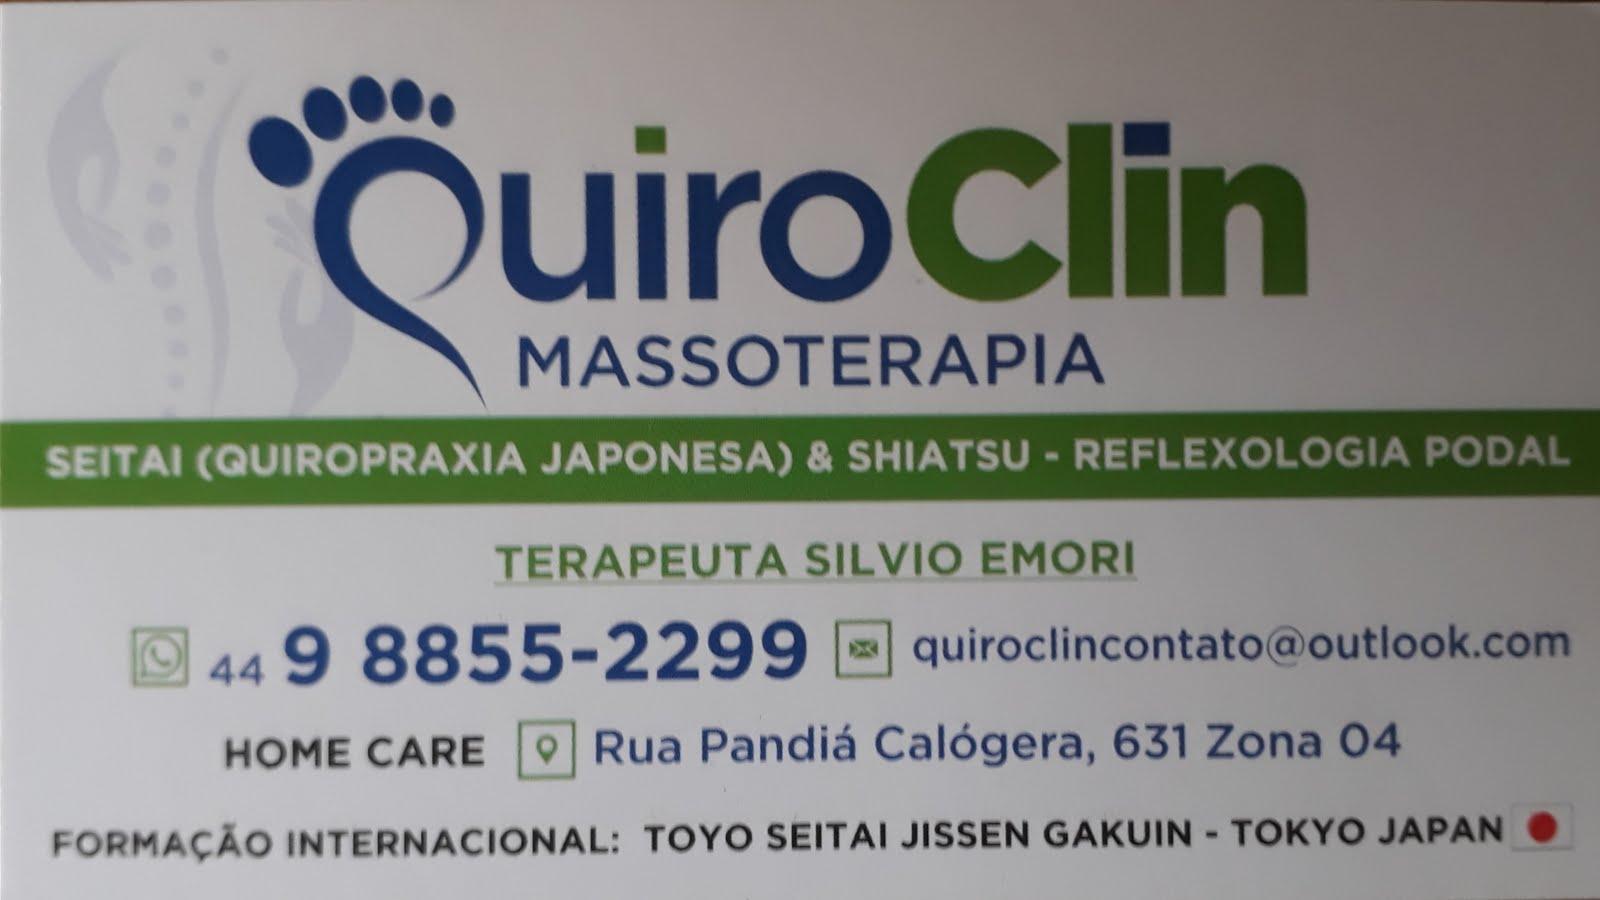 Quiro Clin